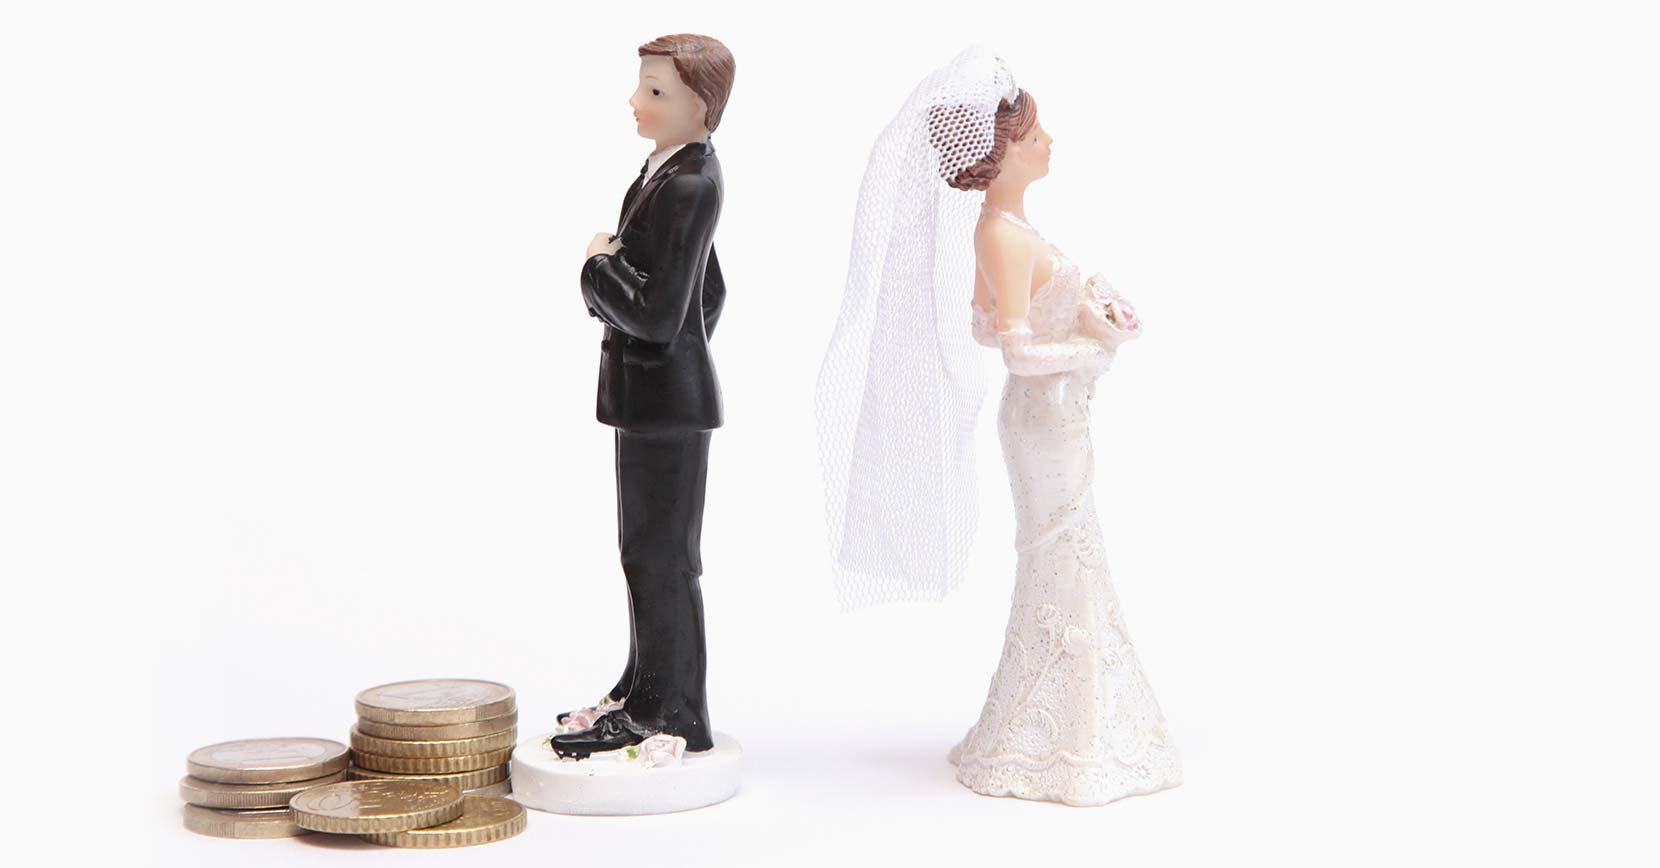 wat te doen bij scheiding